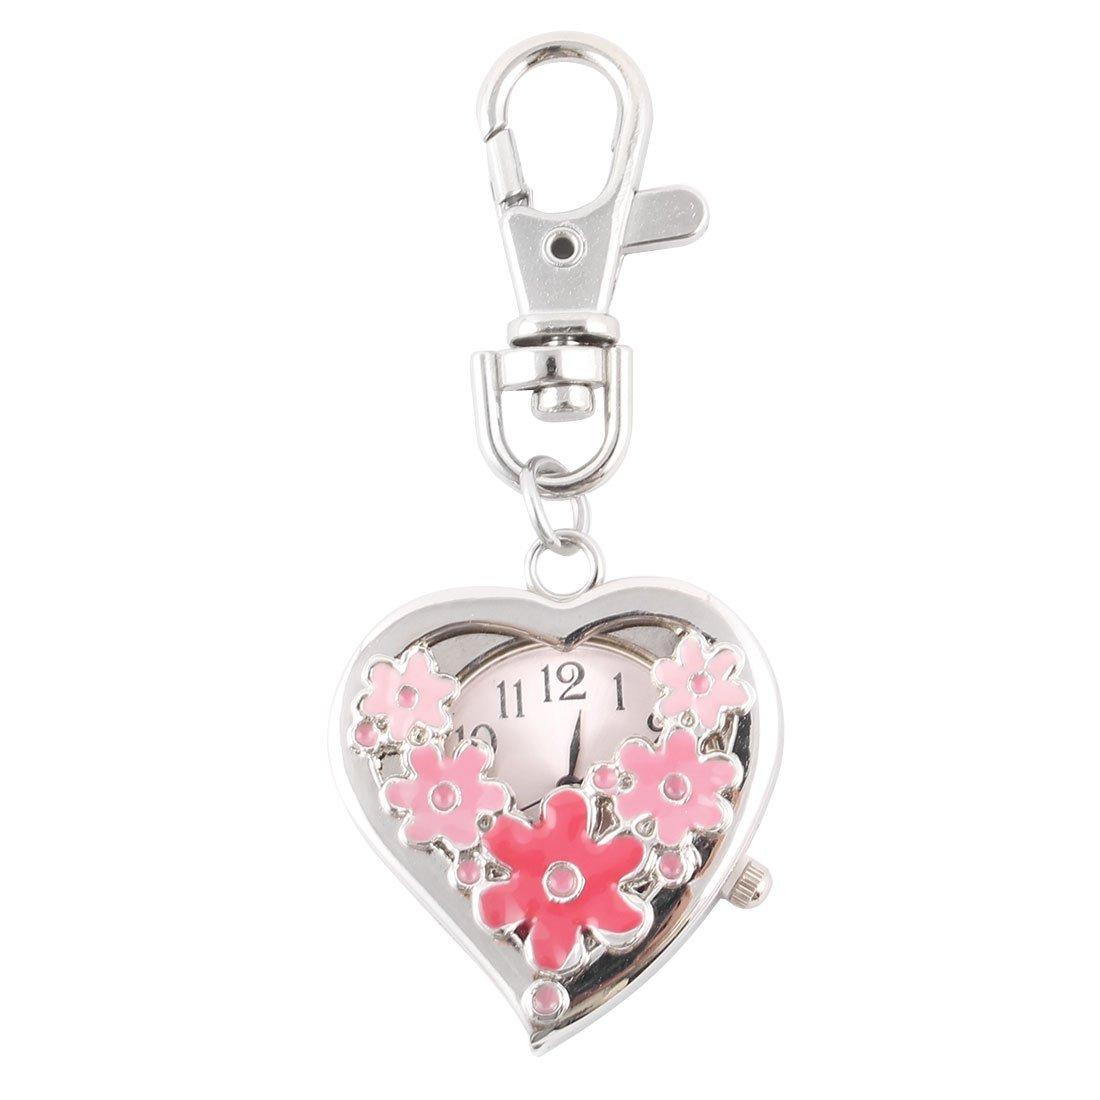 Amazon.com: Sweet Heart Patrón de flor colgante llavero ...